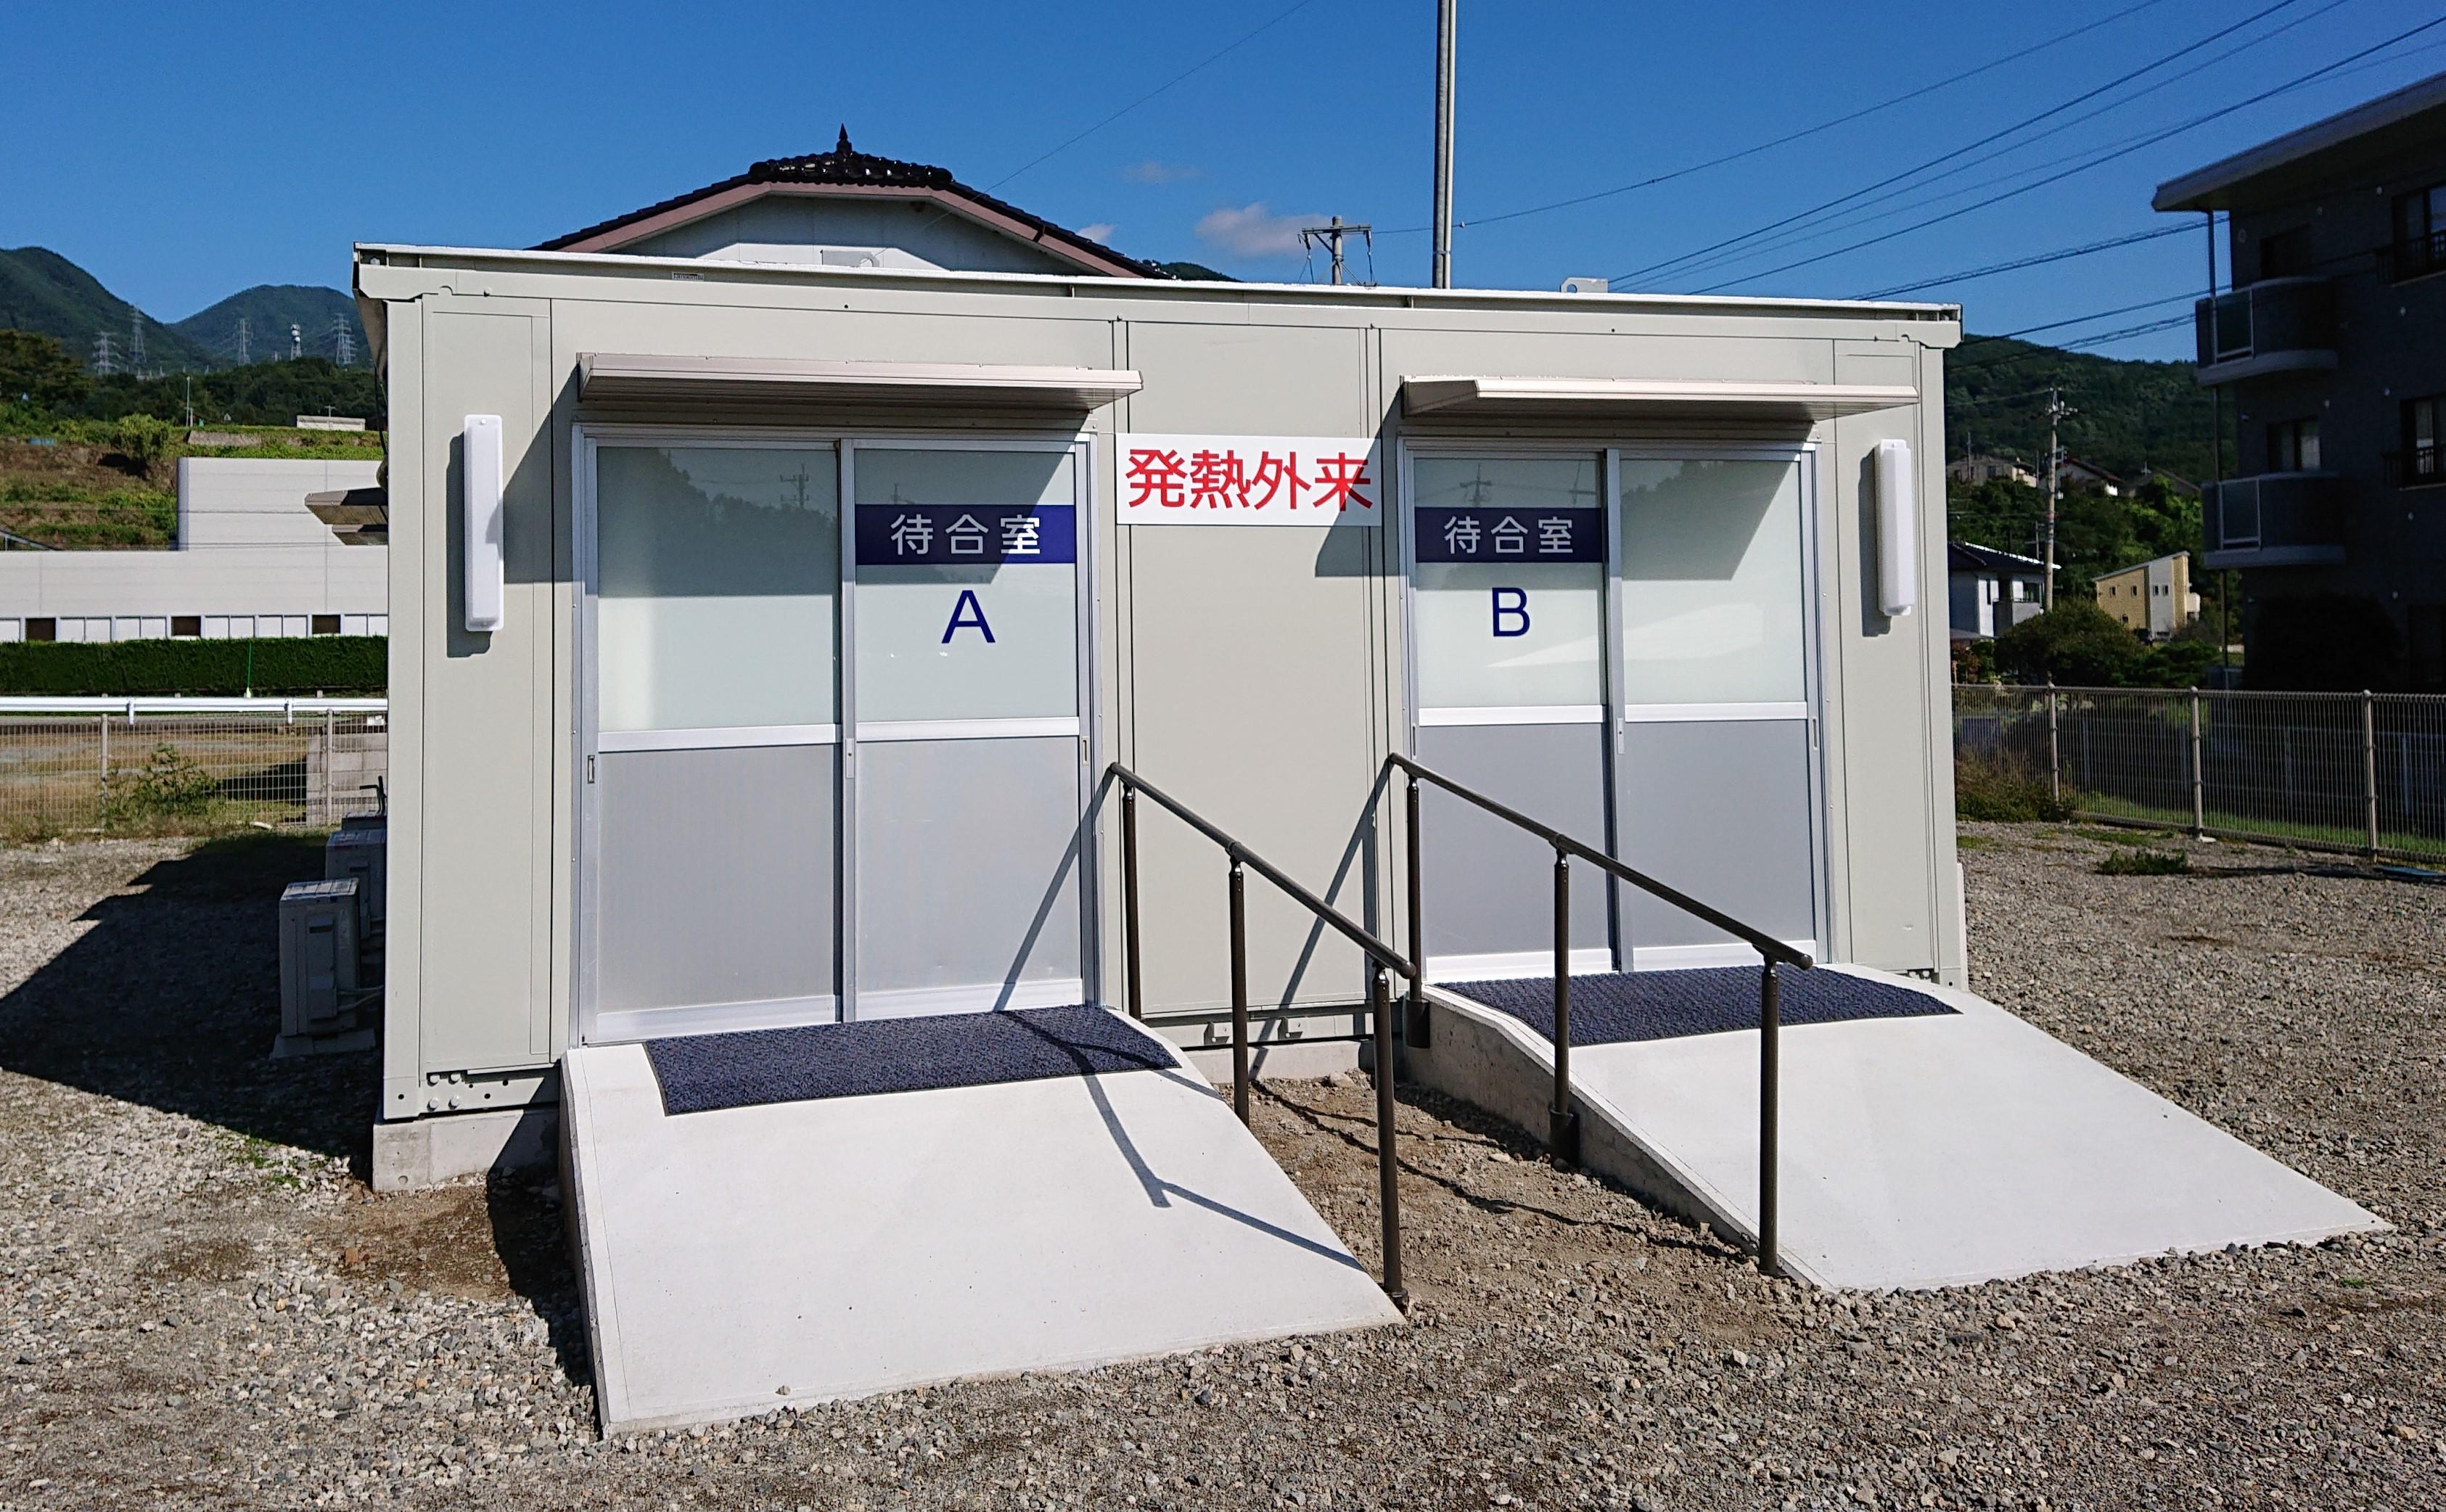 発熱 外来 コロナ 大阪市:新型コロナウイルス感染症について(電話相談含む) (…>健康・医療>感染症・病気に関すること)